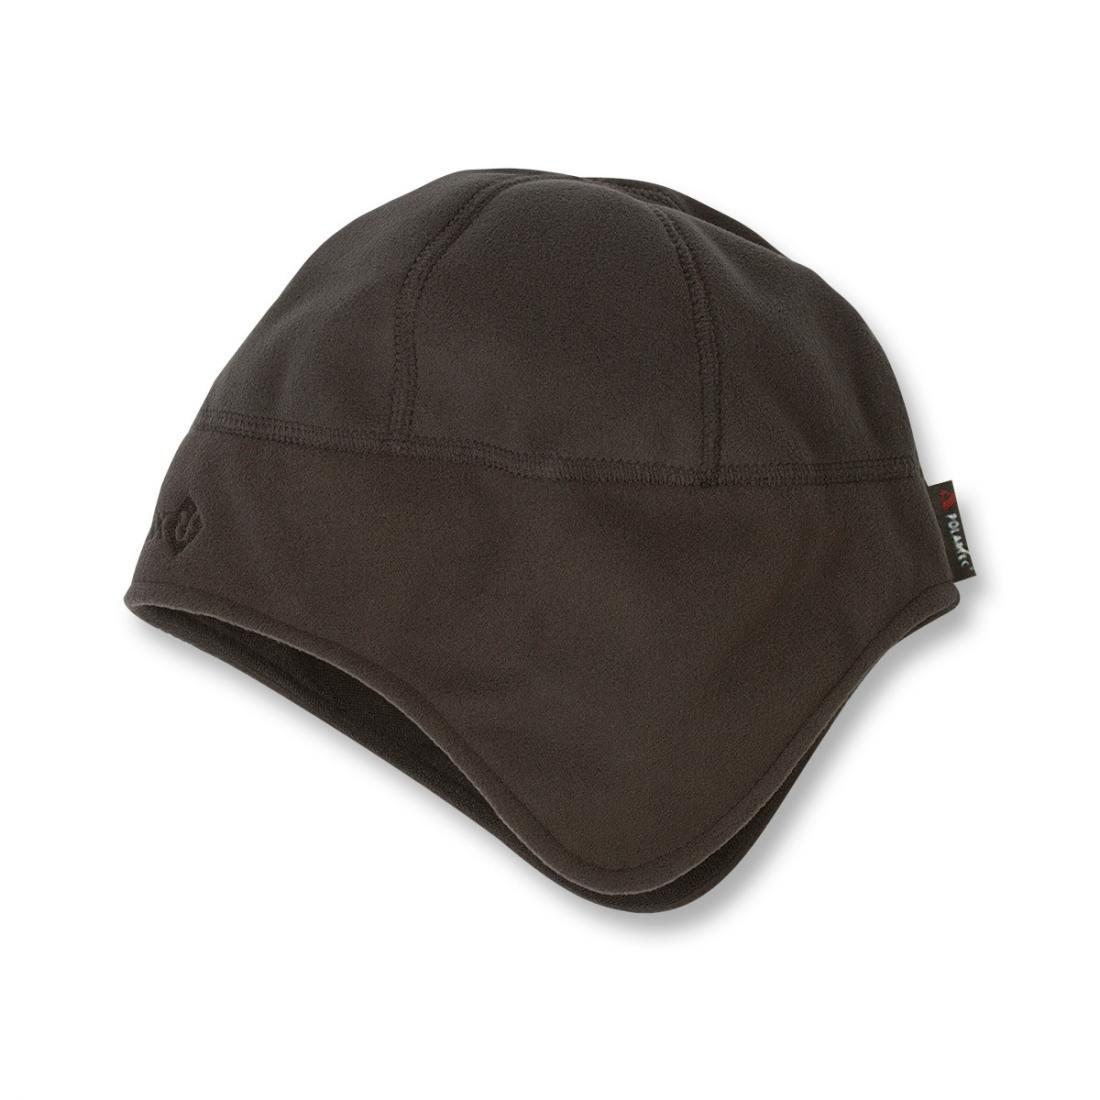 Шапка FiordШапки<br><br> Теплая непродуваемая шапка из материала Polartec®Windbloc®.<br><br><br>основное назначение: высотный альпинизм, зимний альпинизм,технический альпинизм,туризм, загородный отдых<br>облегающий анатомический крой<br>особенный ди...<br><br>Цвет: Черный<br>Размер: 56